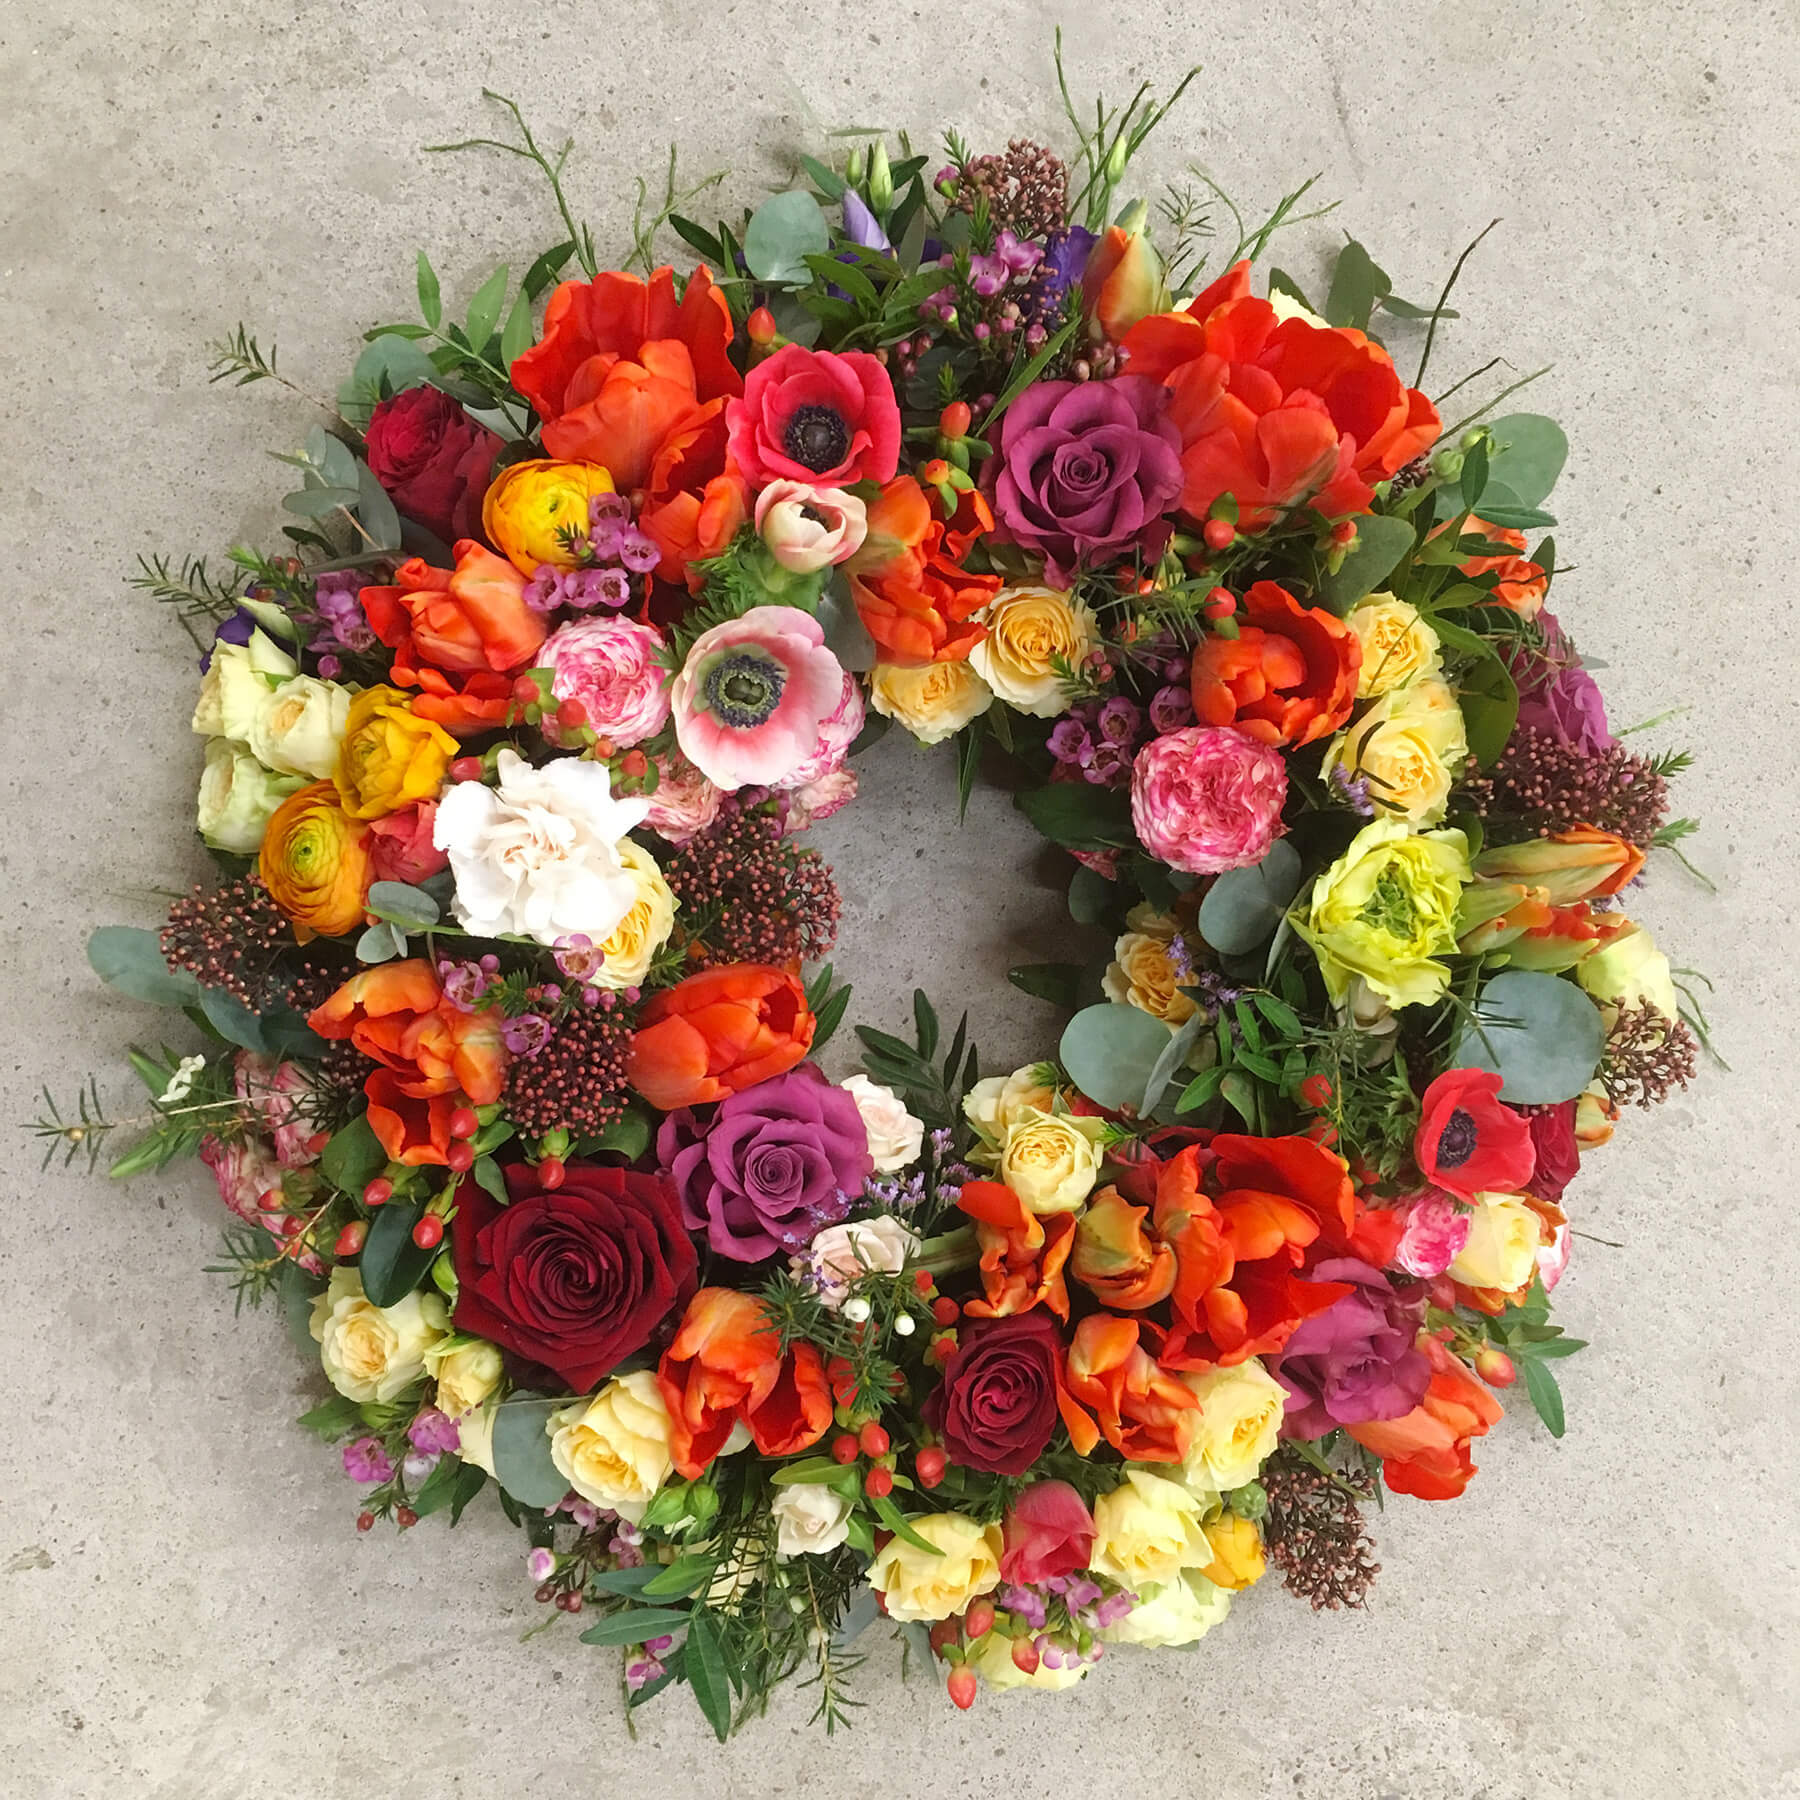 En magiskt vacker, rundbunden krans till begravning, skapad av våra florister. Med blandade blommor i varma färger blir det en fin enhet i rött, rosa, orange och gult. Blommorna varierar men just här har vi använt rosor, nejlikor, skimmia, tulpaner och vaxblomma mm.